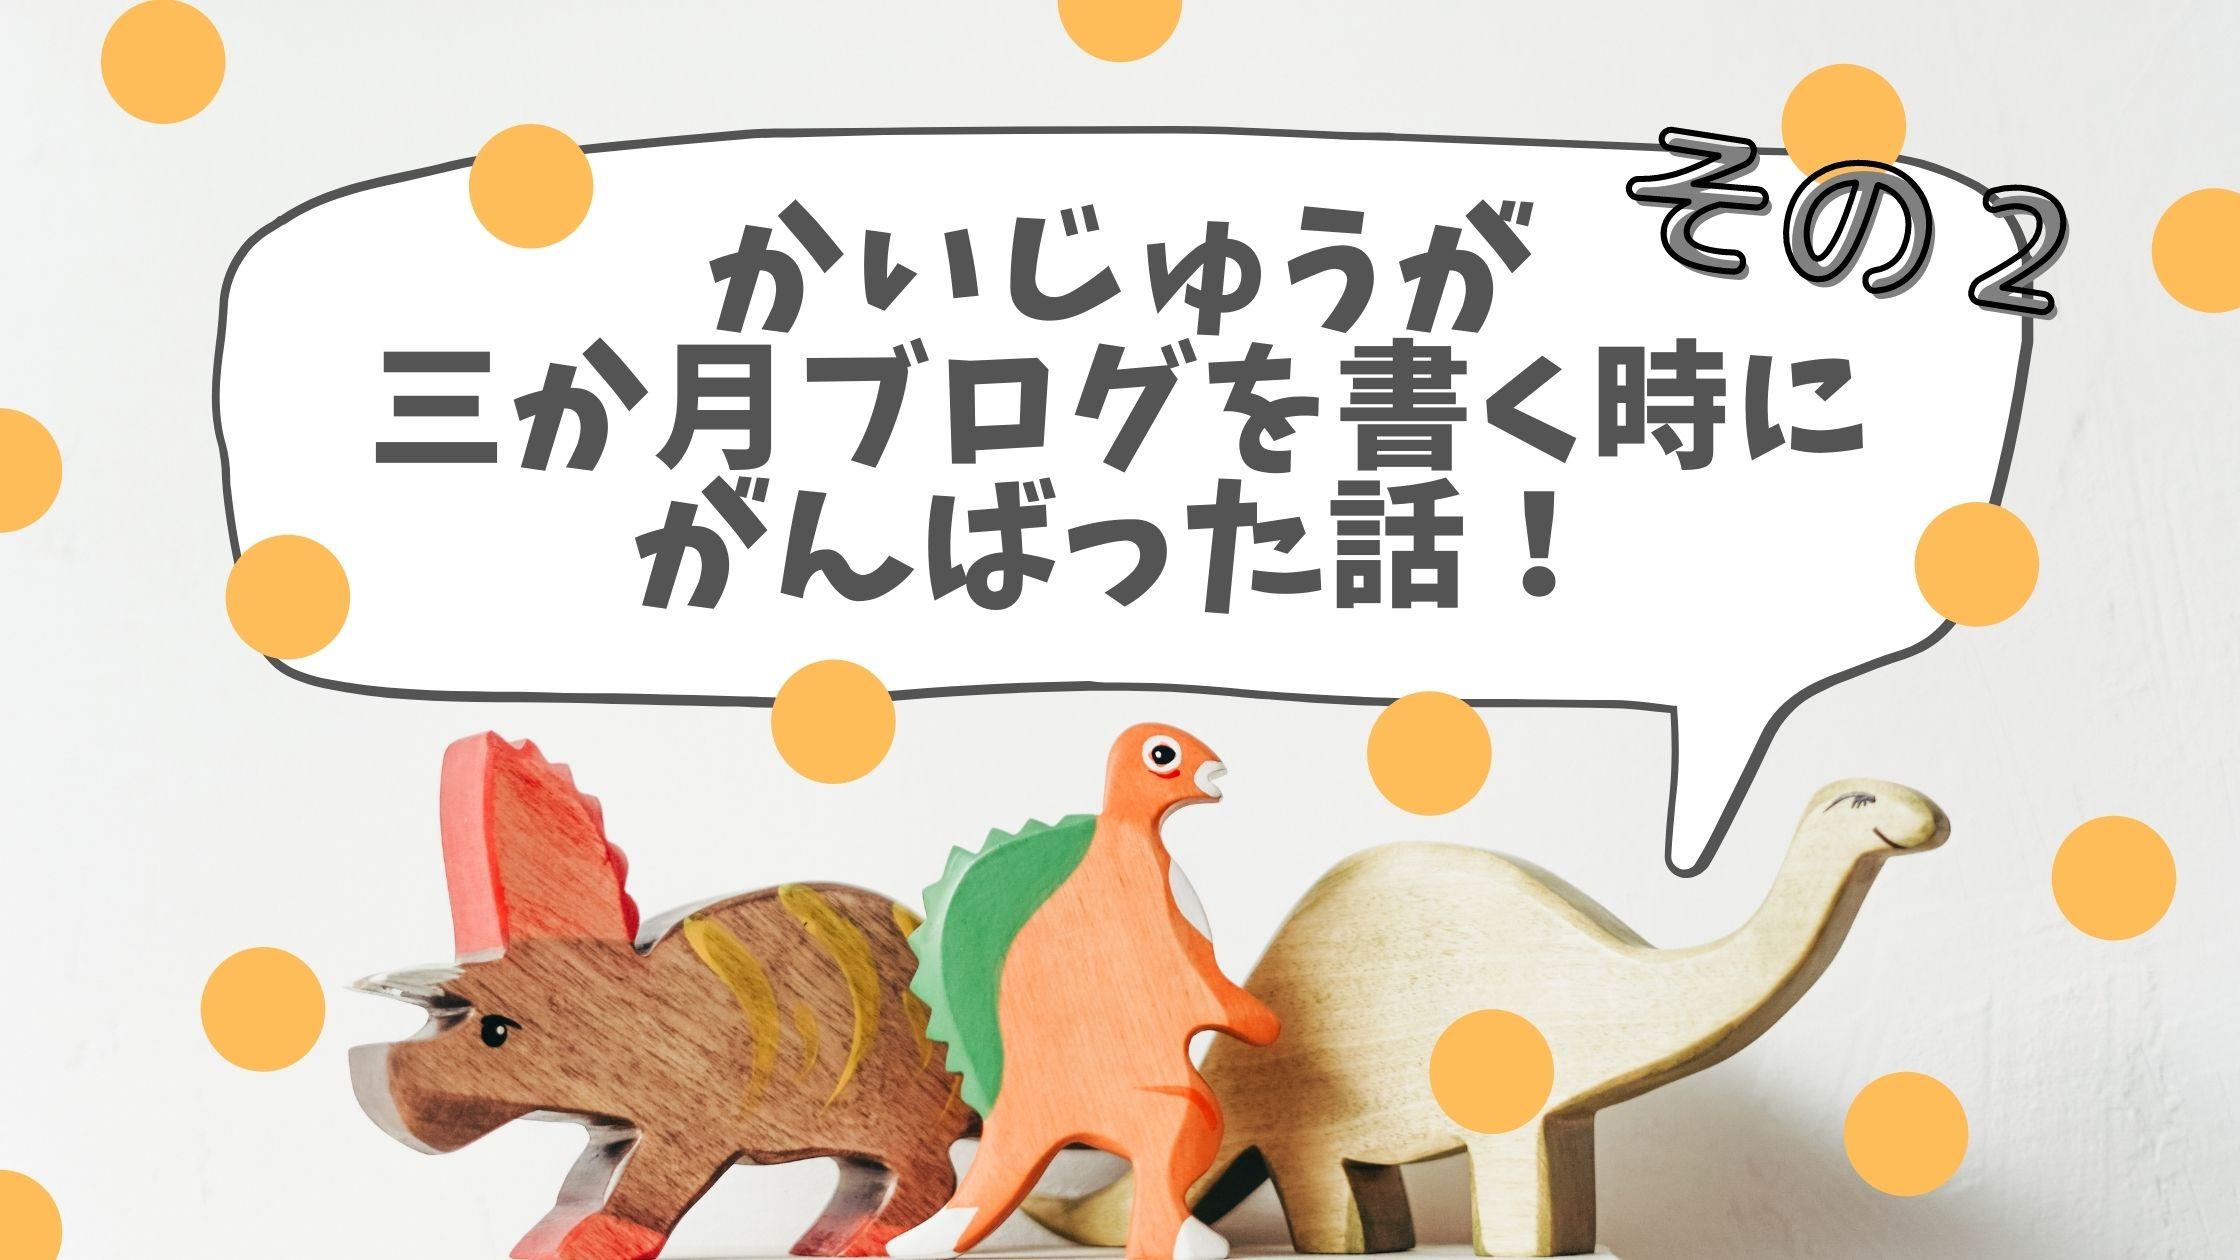 【祝3か月!】かいじゅうが三か月ブログでがんばったこと【その2】